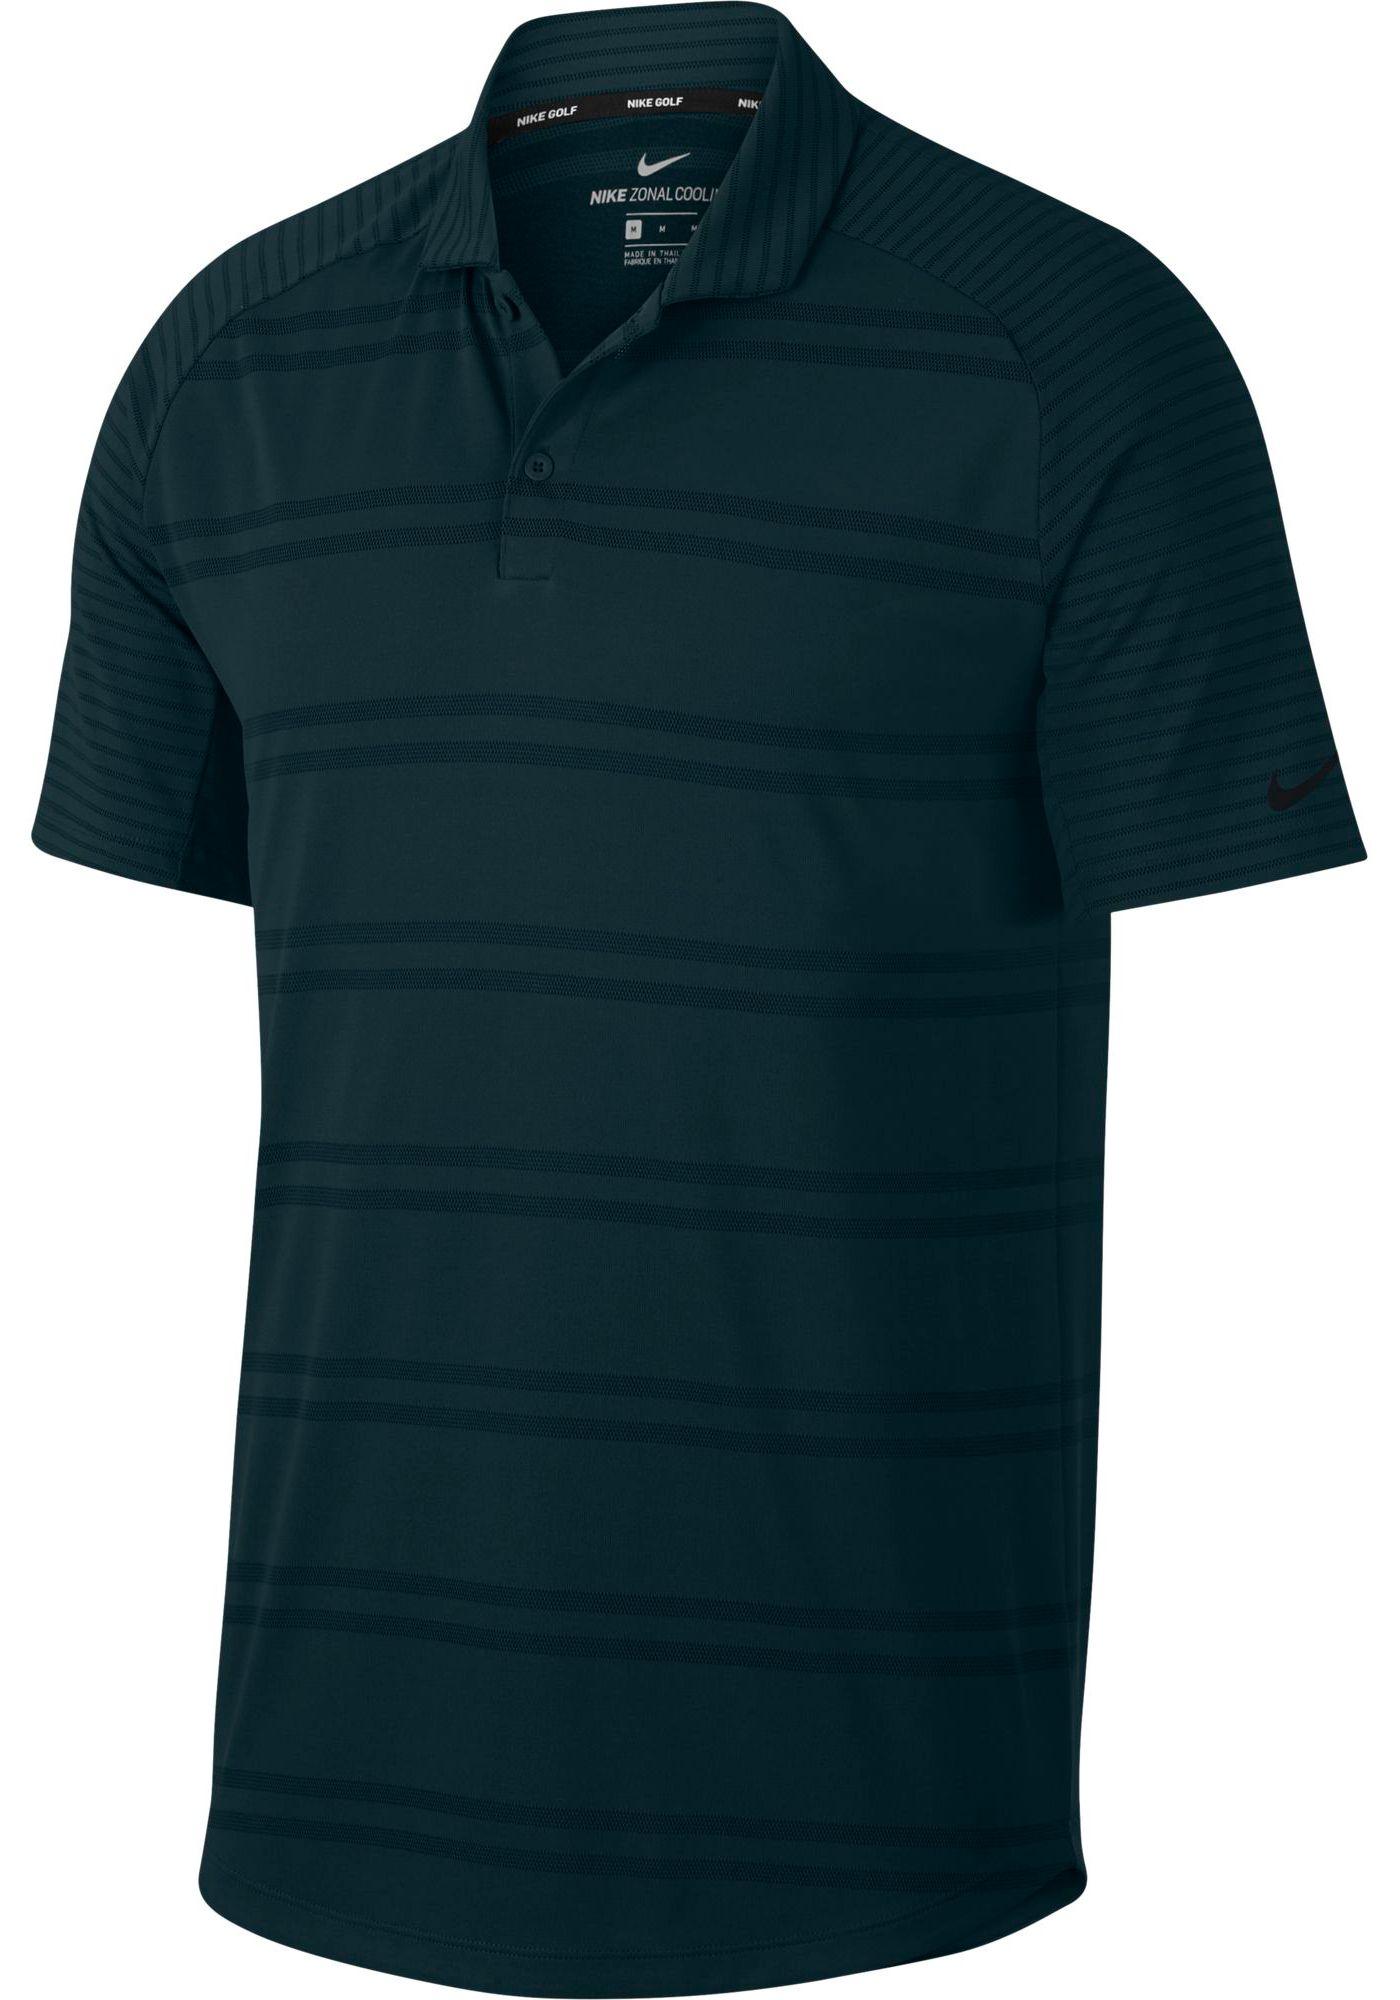 Nike Men's Zonal Cooling Stripe Raglan Golf Polo